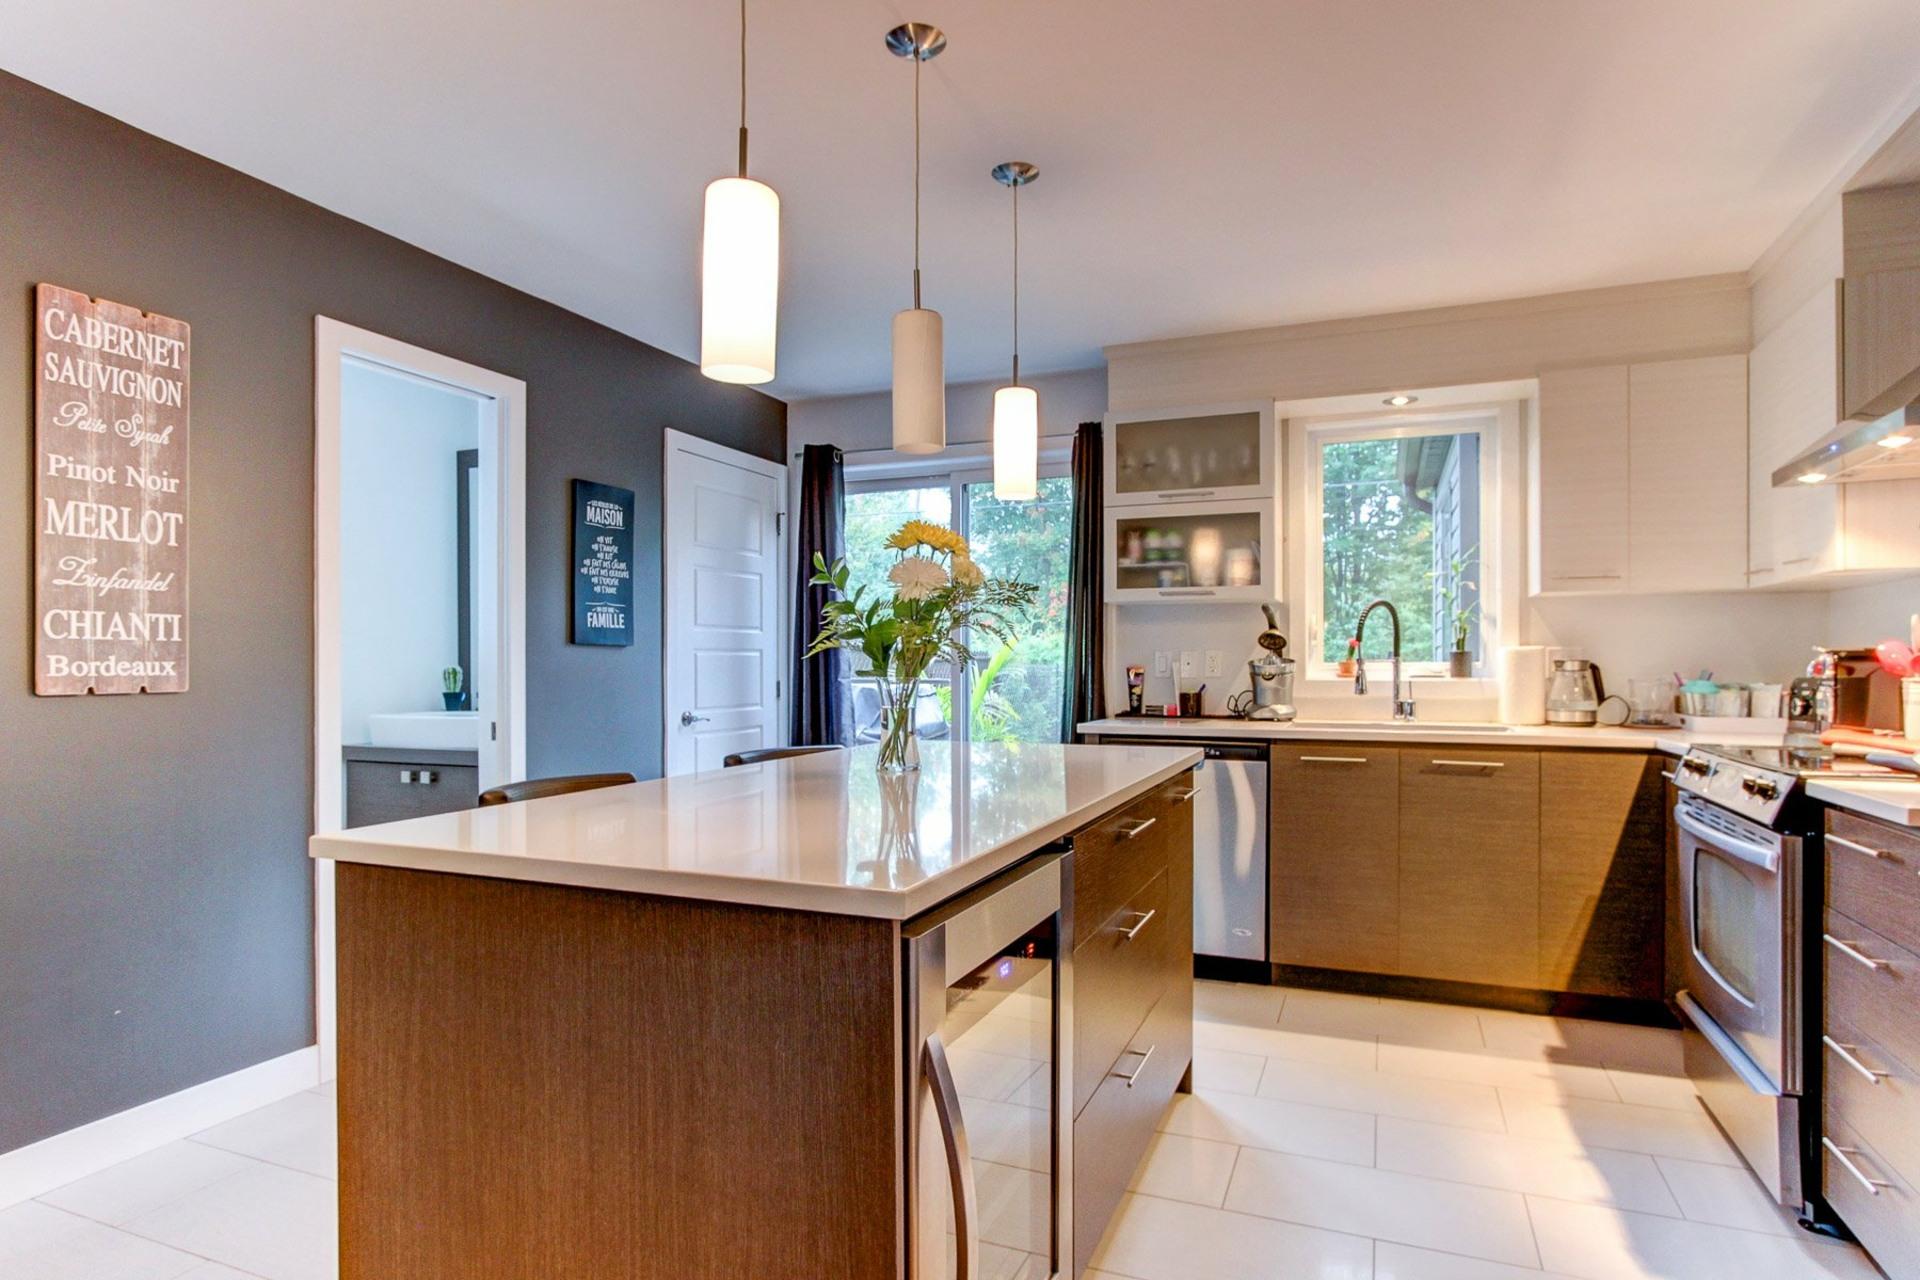 image 3 - Appartement À vendre Trois-Rivières - 7 pièces